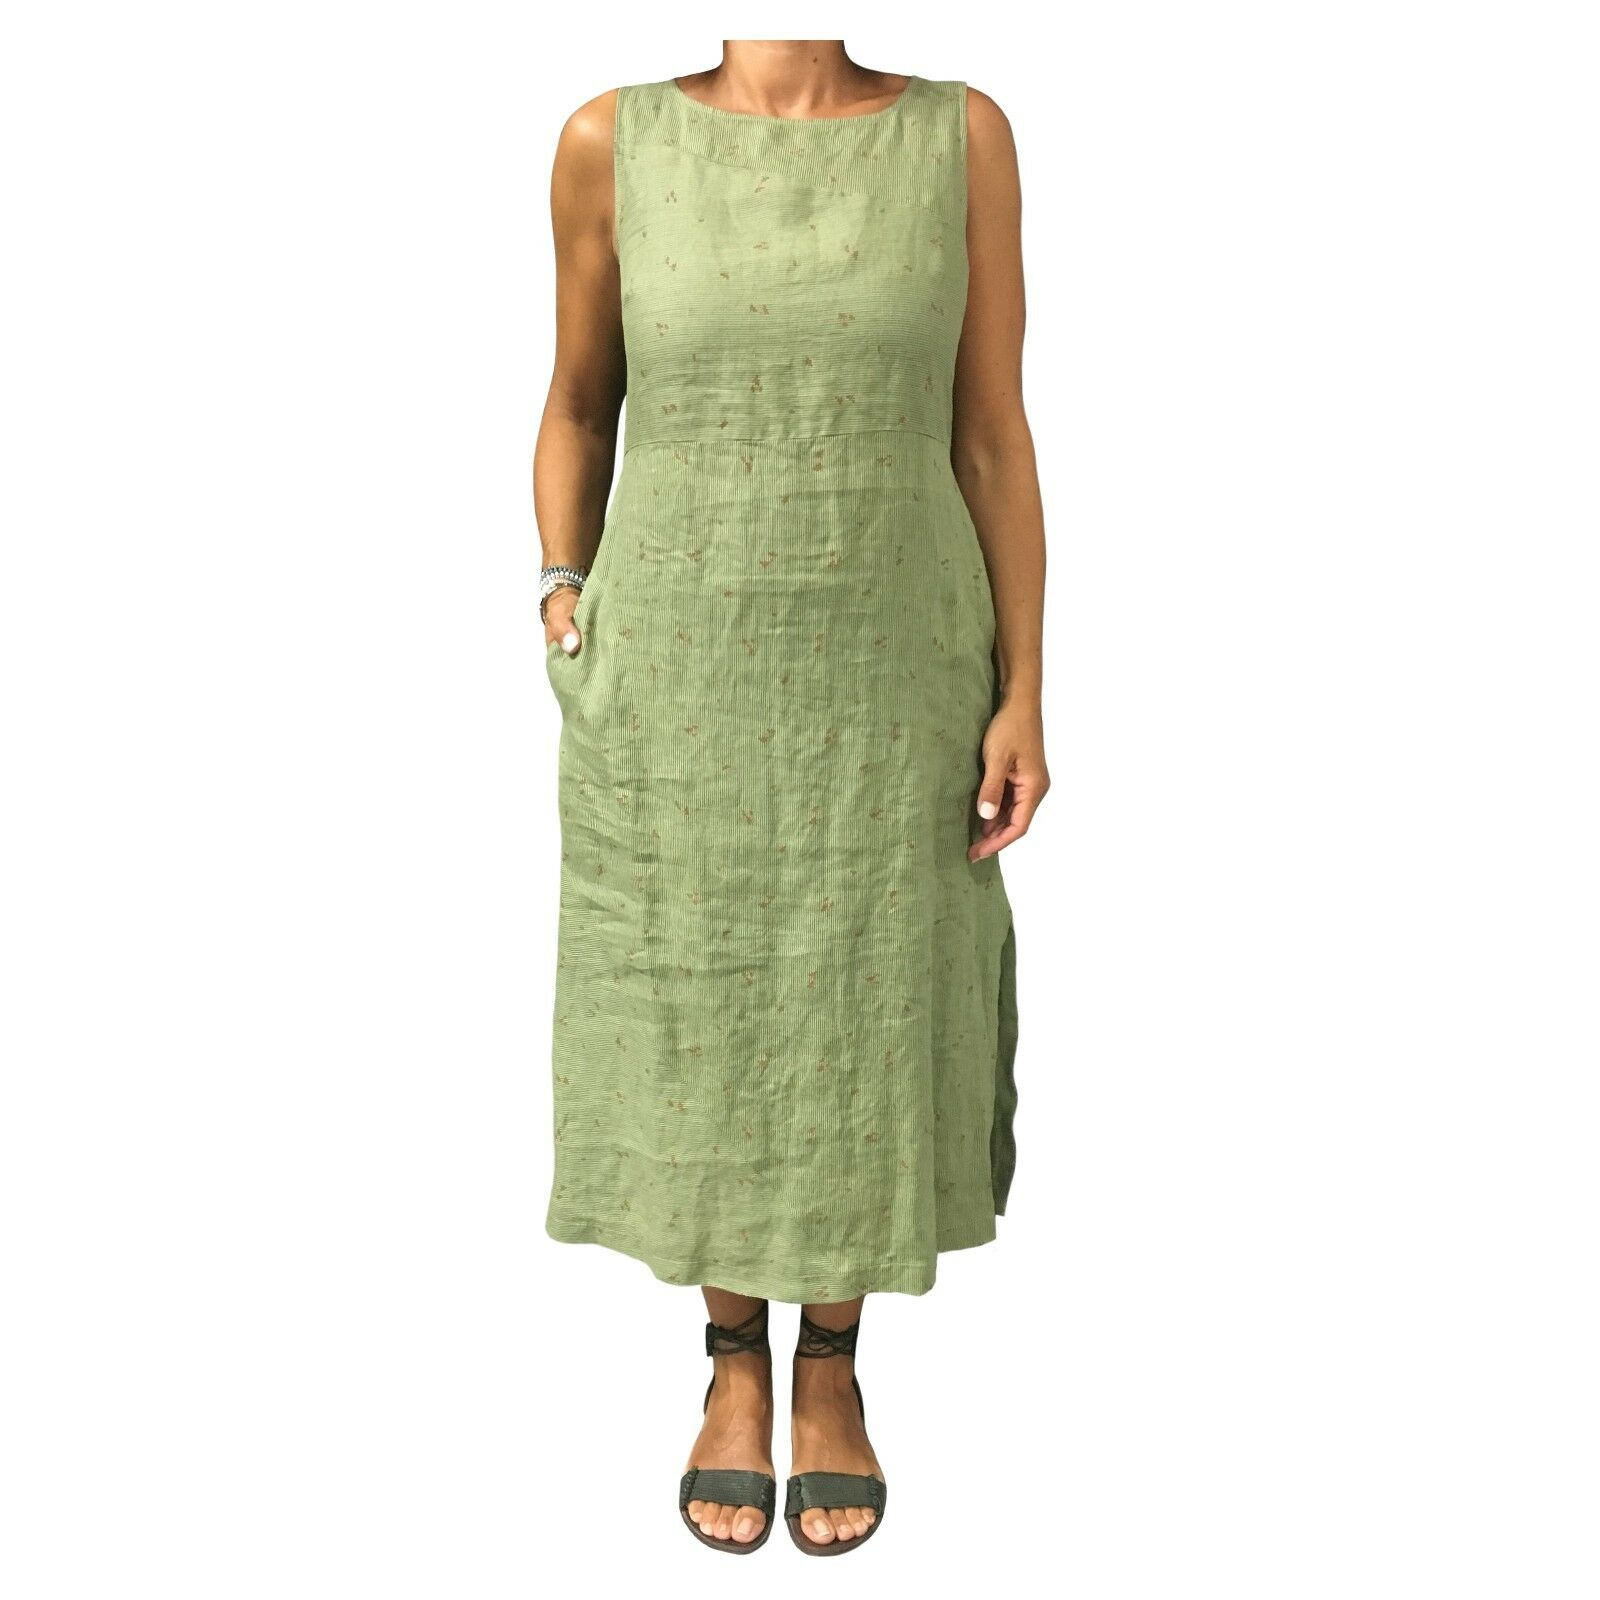 ECCENTRICA Kleid Frau grün Streifen Blaumenmuster mod A2 7186 53 100% Leinen